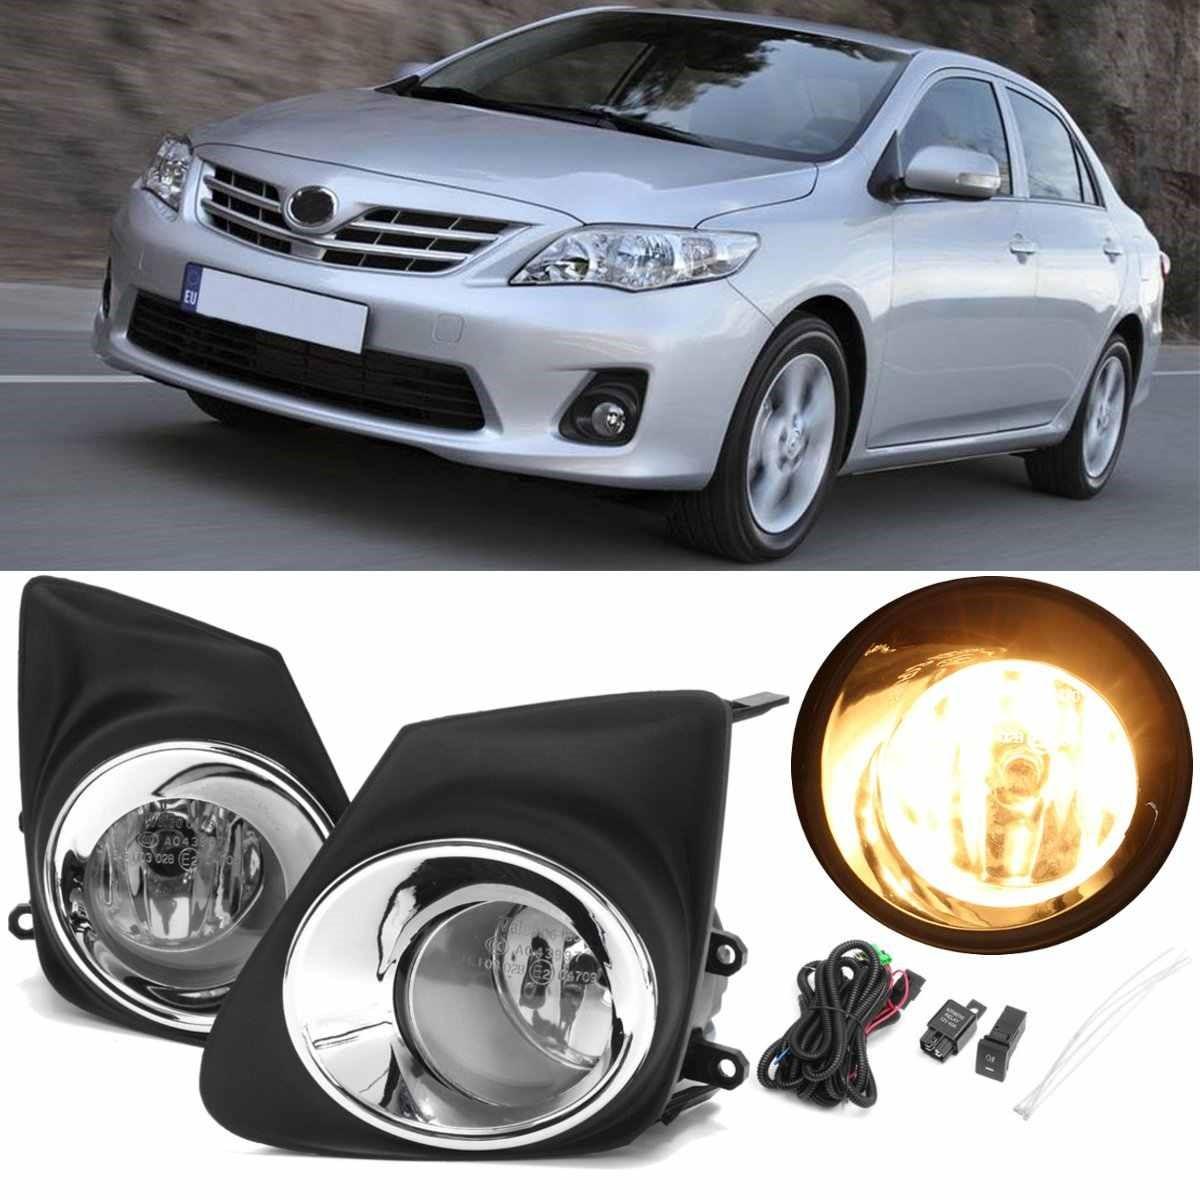 Dịch vụ lắp đặt đèn sương mù cho xe Toyota